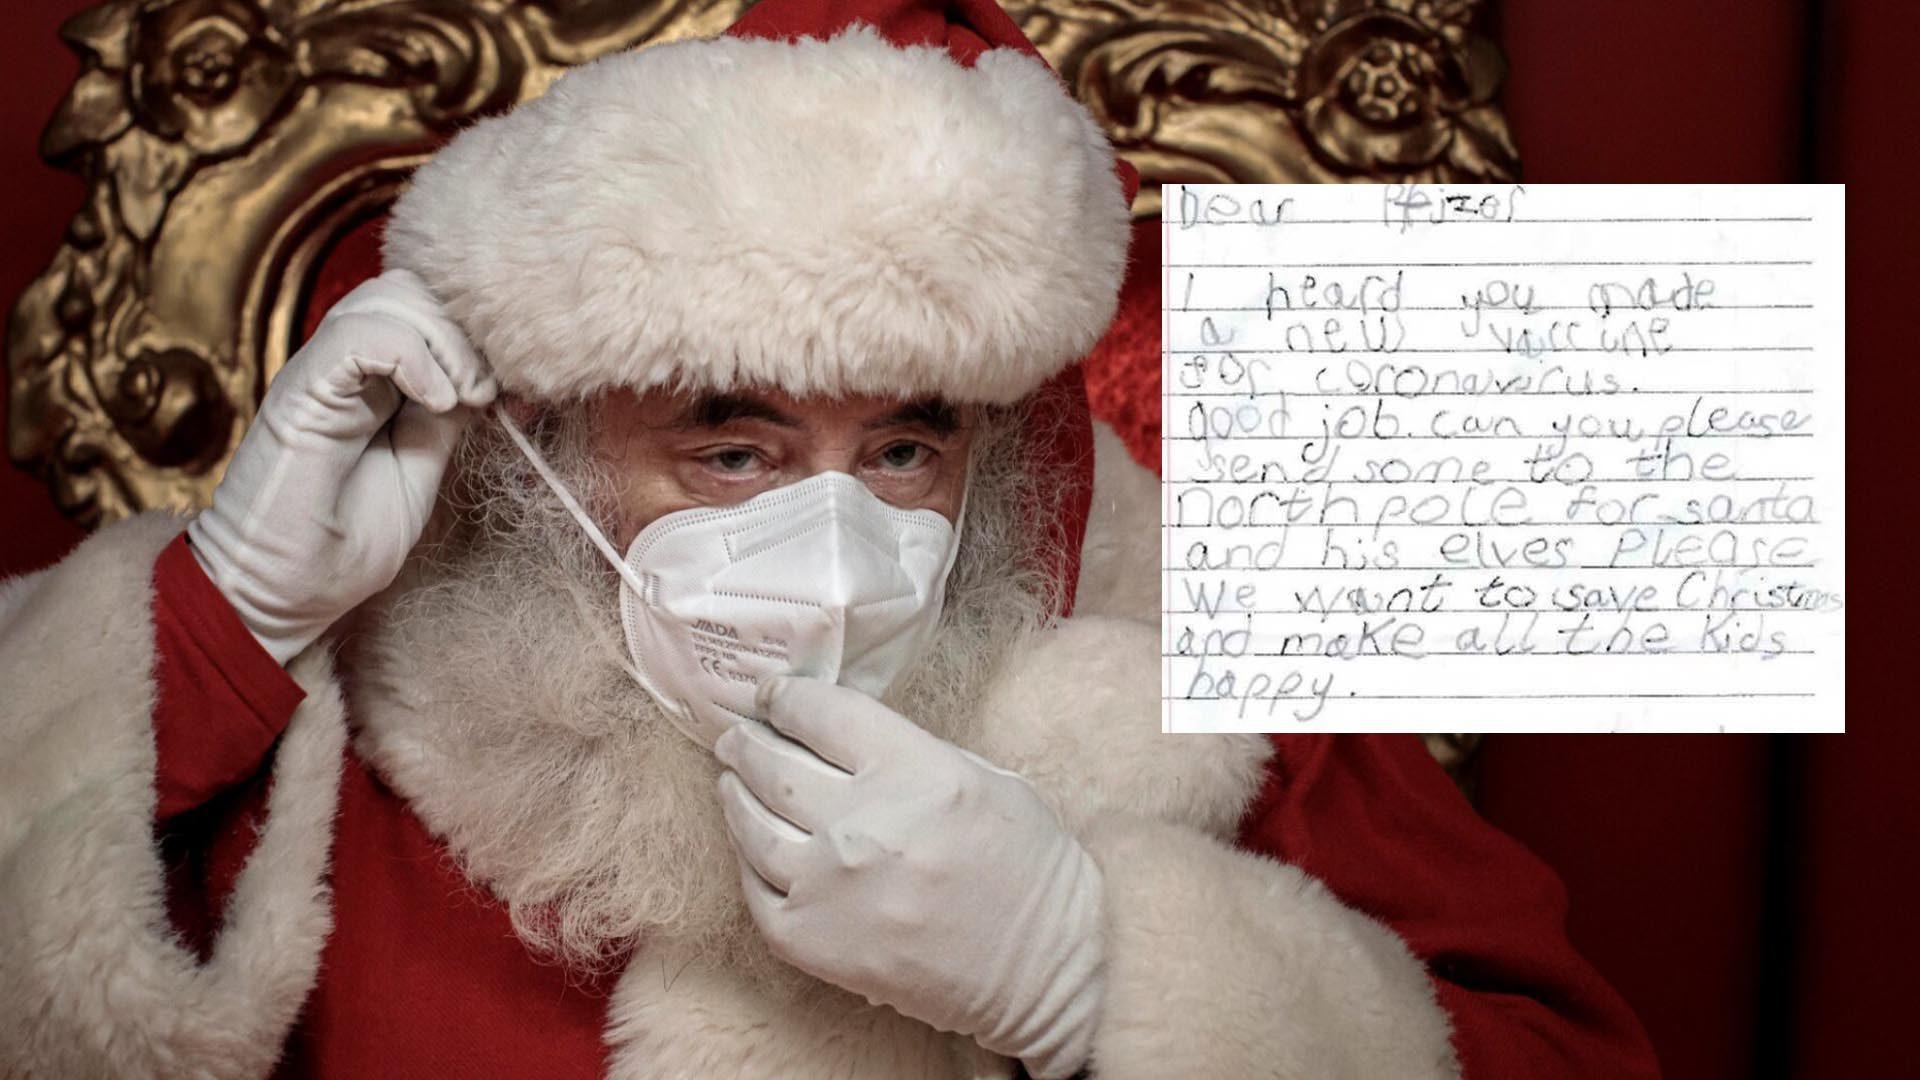 หนุ่มน้อยส่งจดหมายหาบริษัทยา ขอวัคซีนฉีดให้ซานต้า หวั่นกระจายเชื้อร้าย